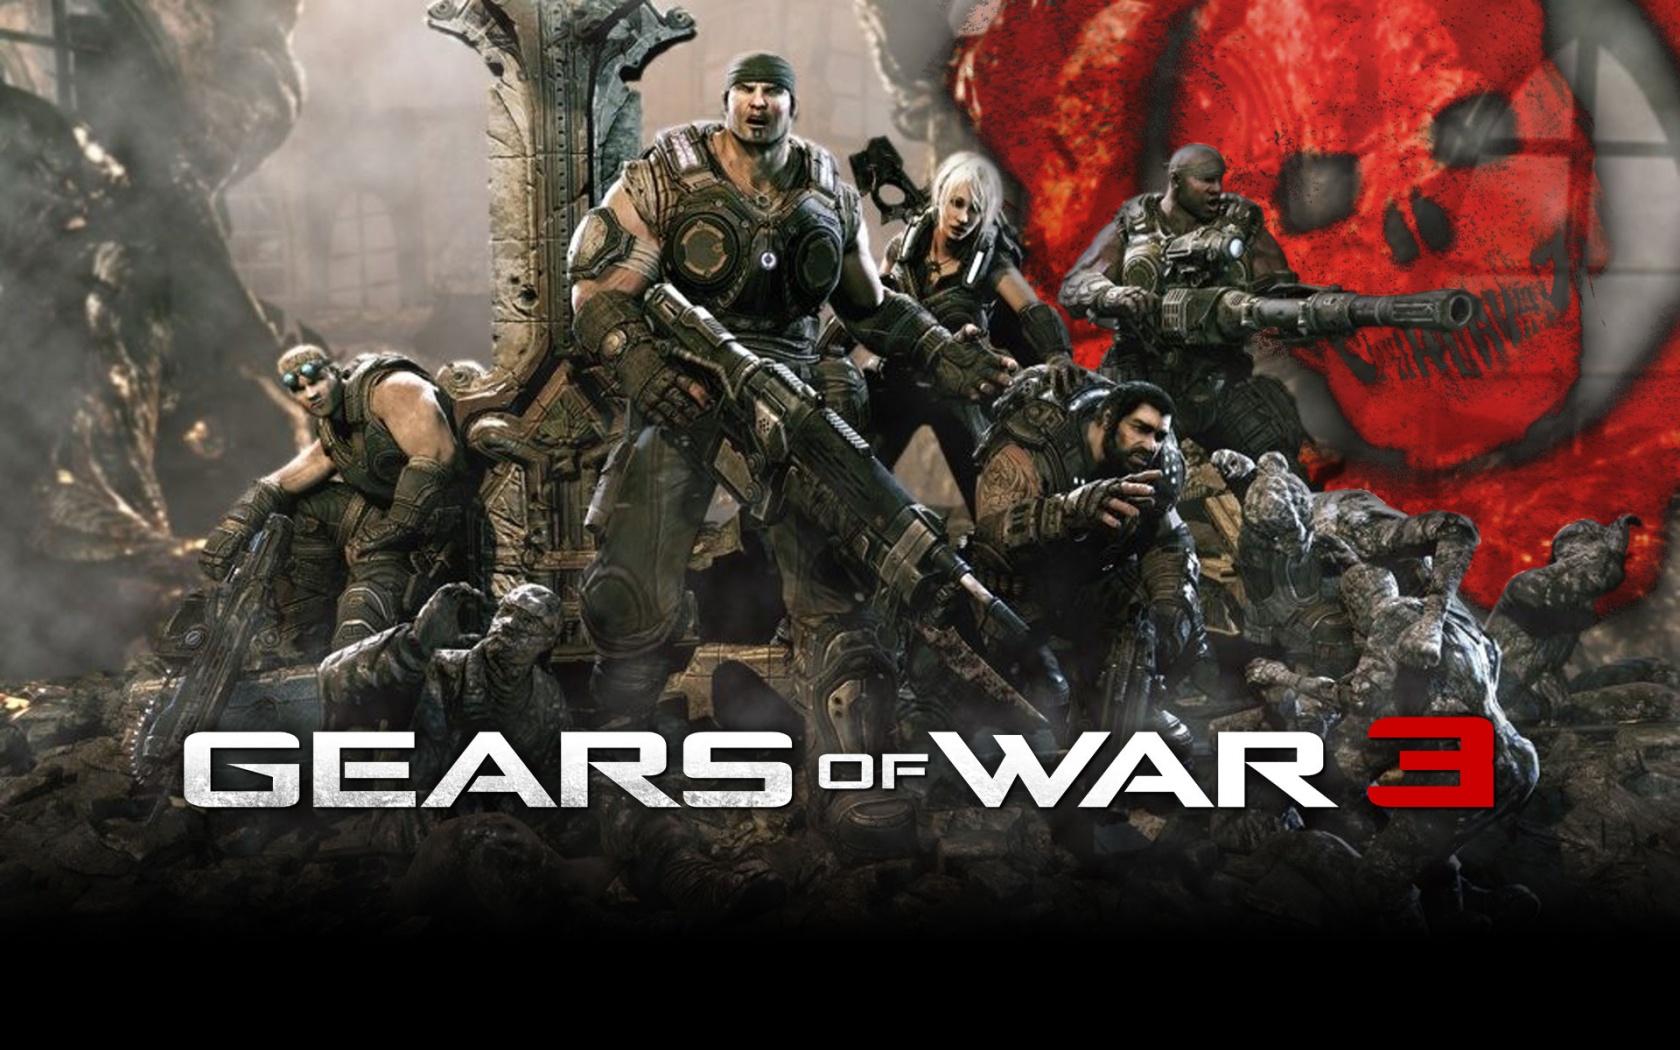 Gears of War 3 Wallpaper Full HD 1080p Wallpaper HD Widescreen 1680x1050